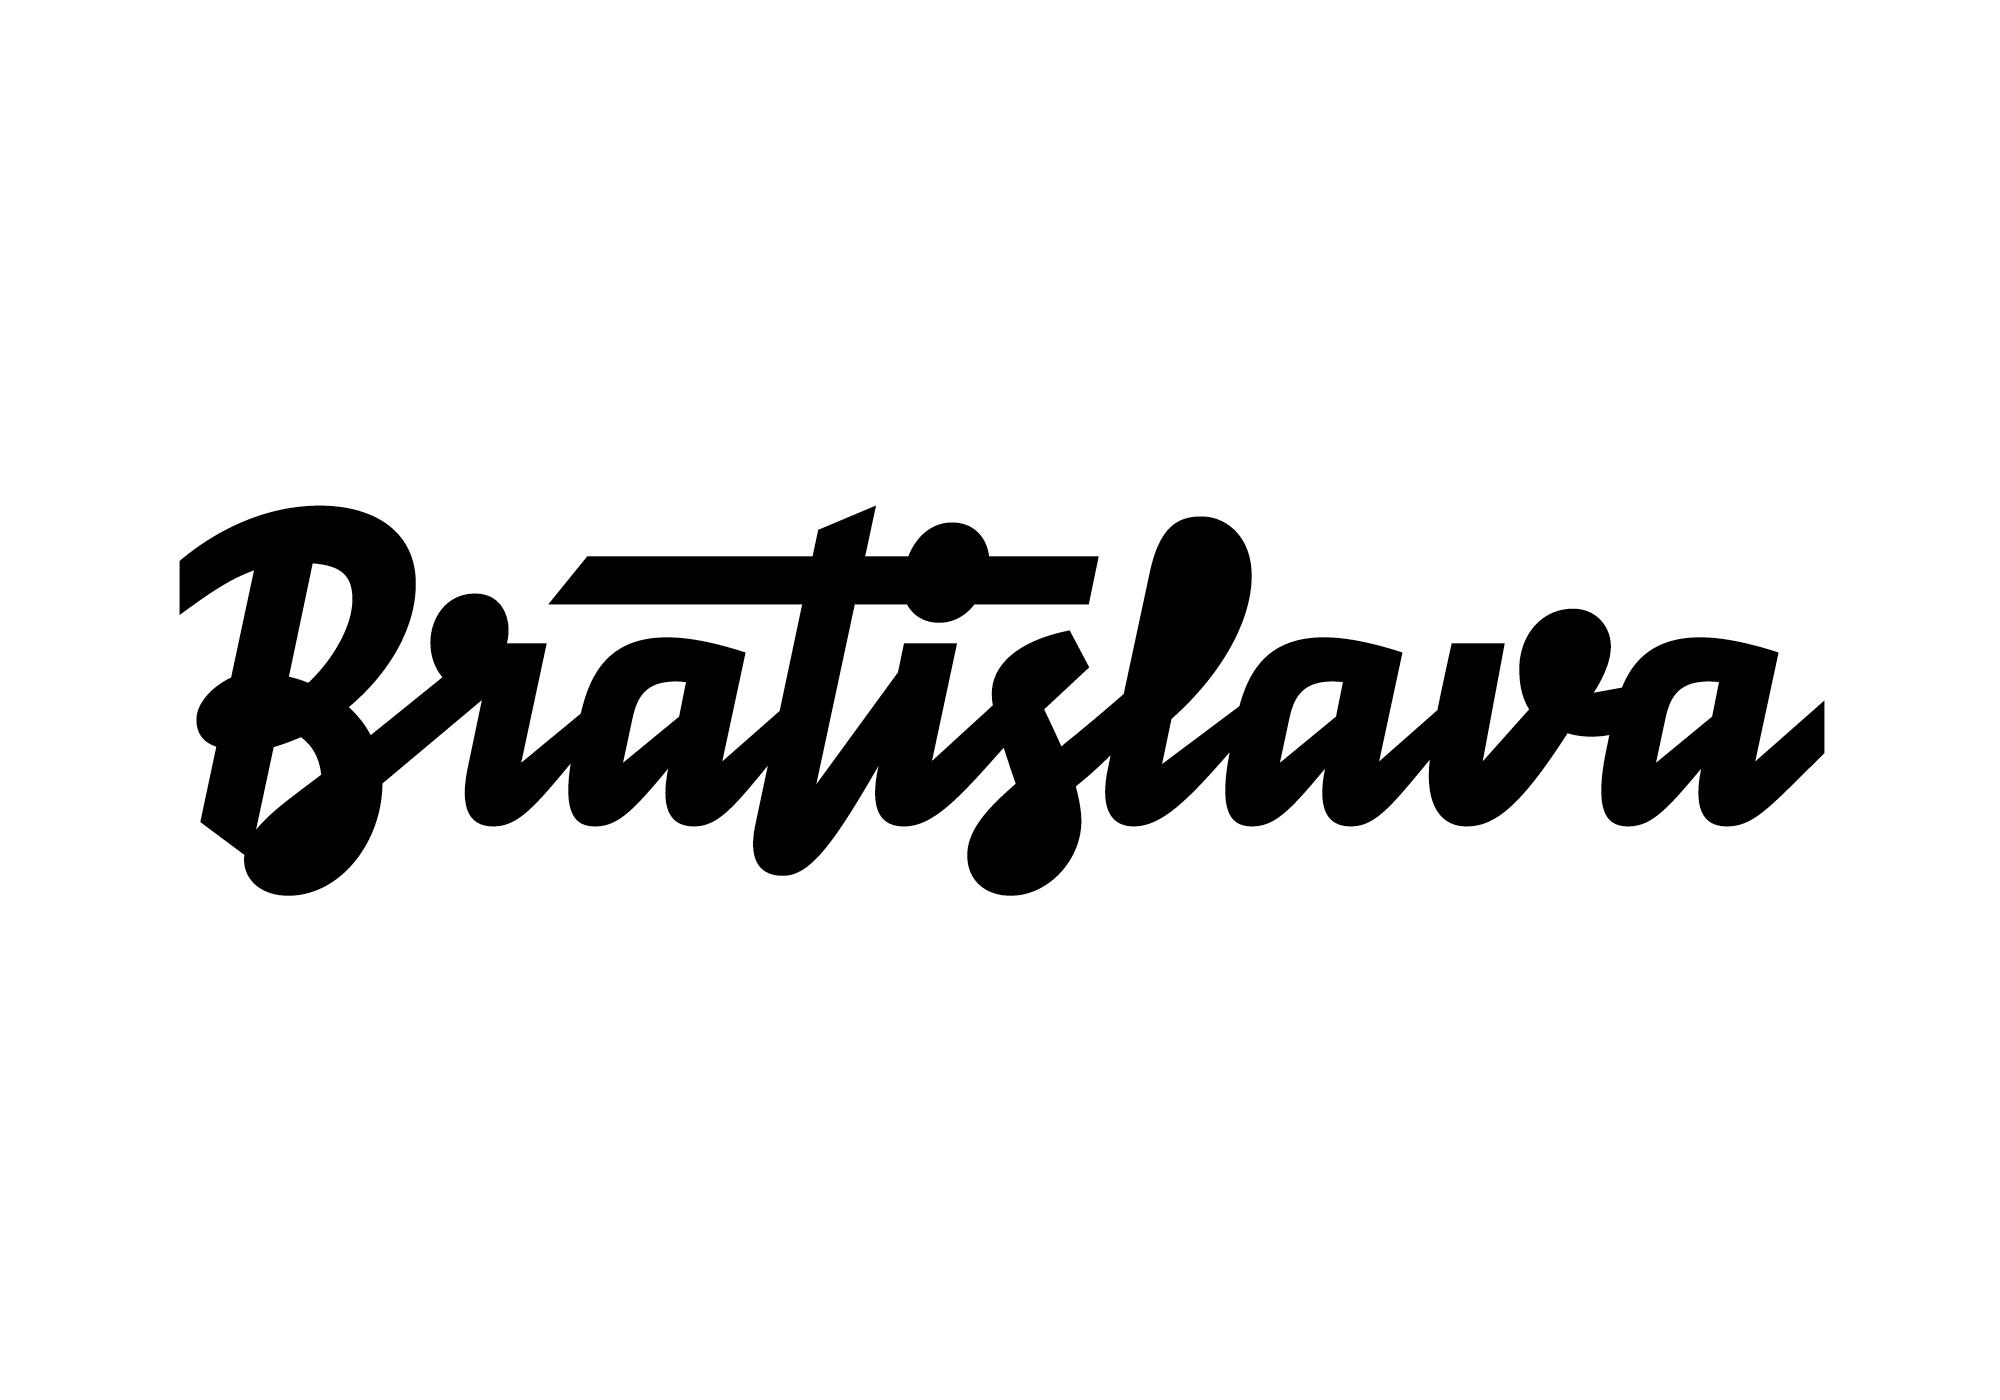 Bratislava Lettering